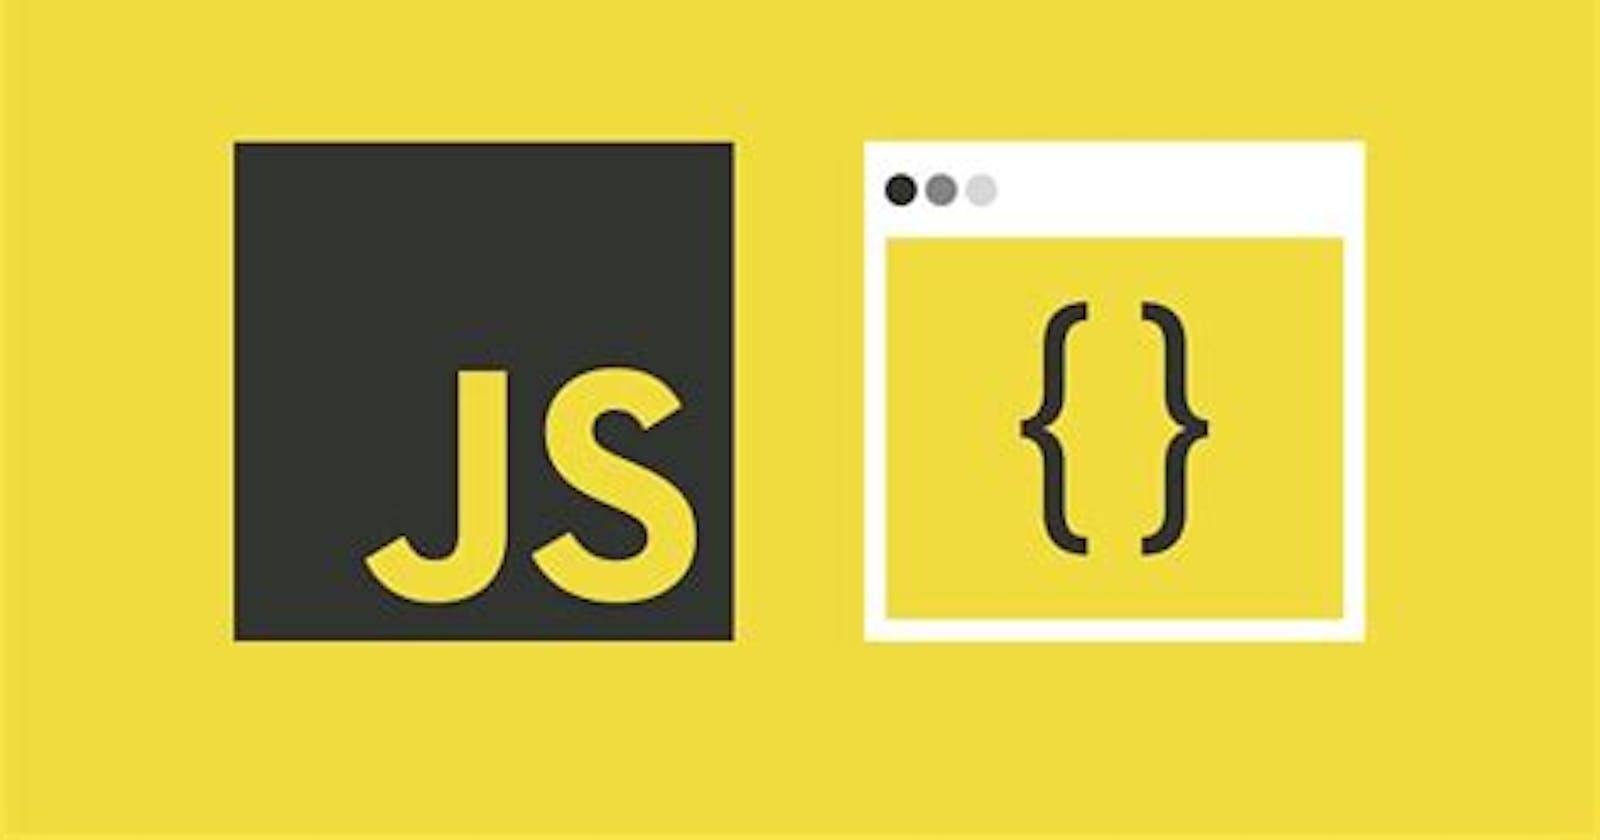 JavaScript Built-in Functions VS Web Browser APIs